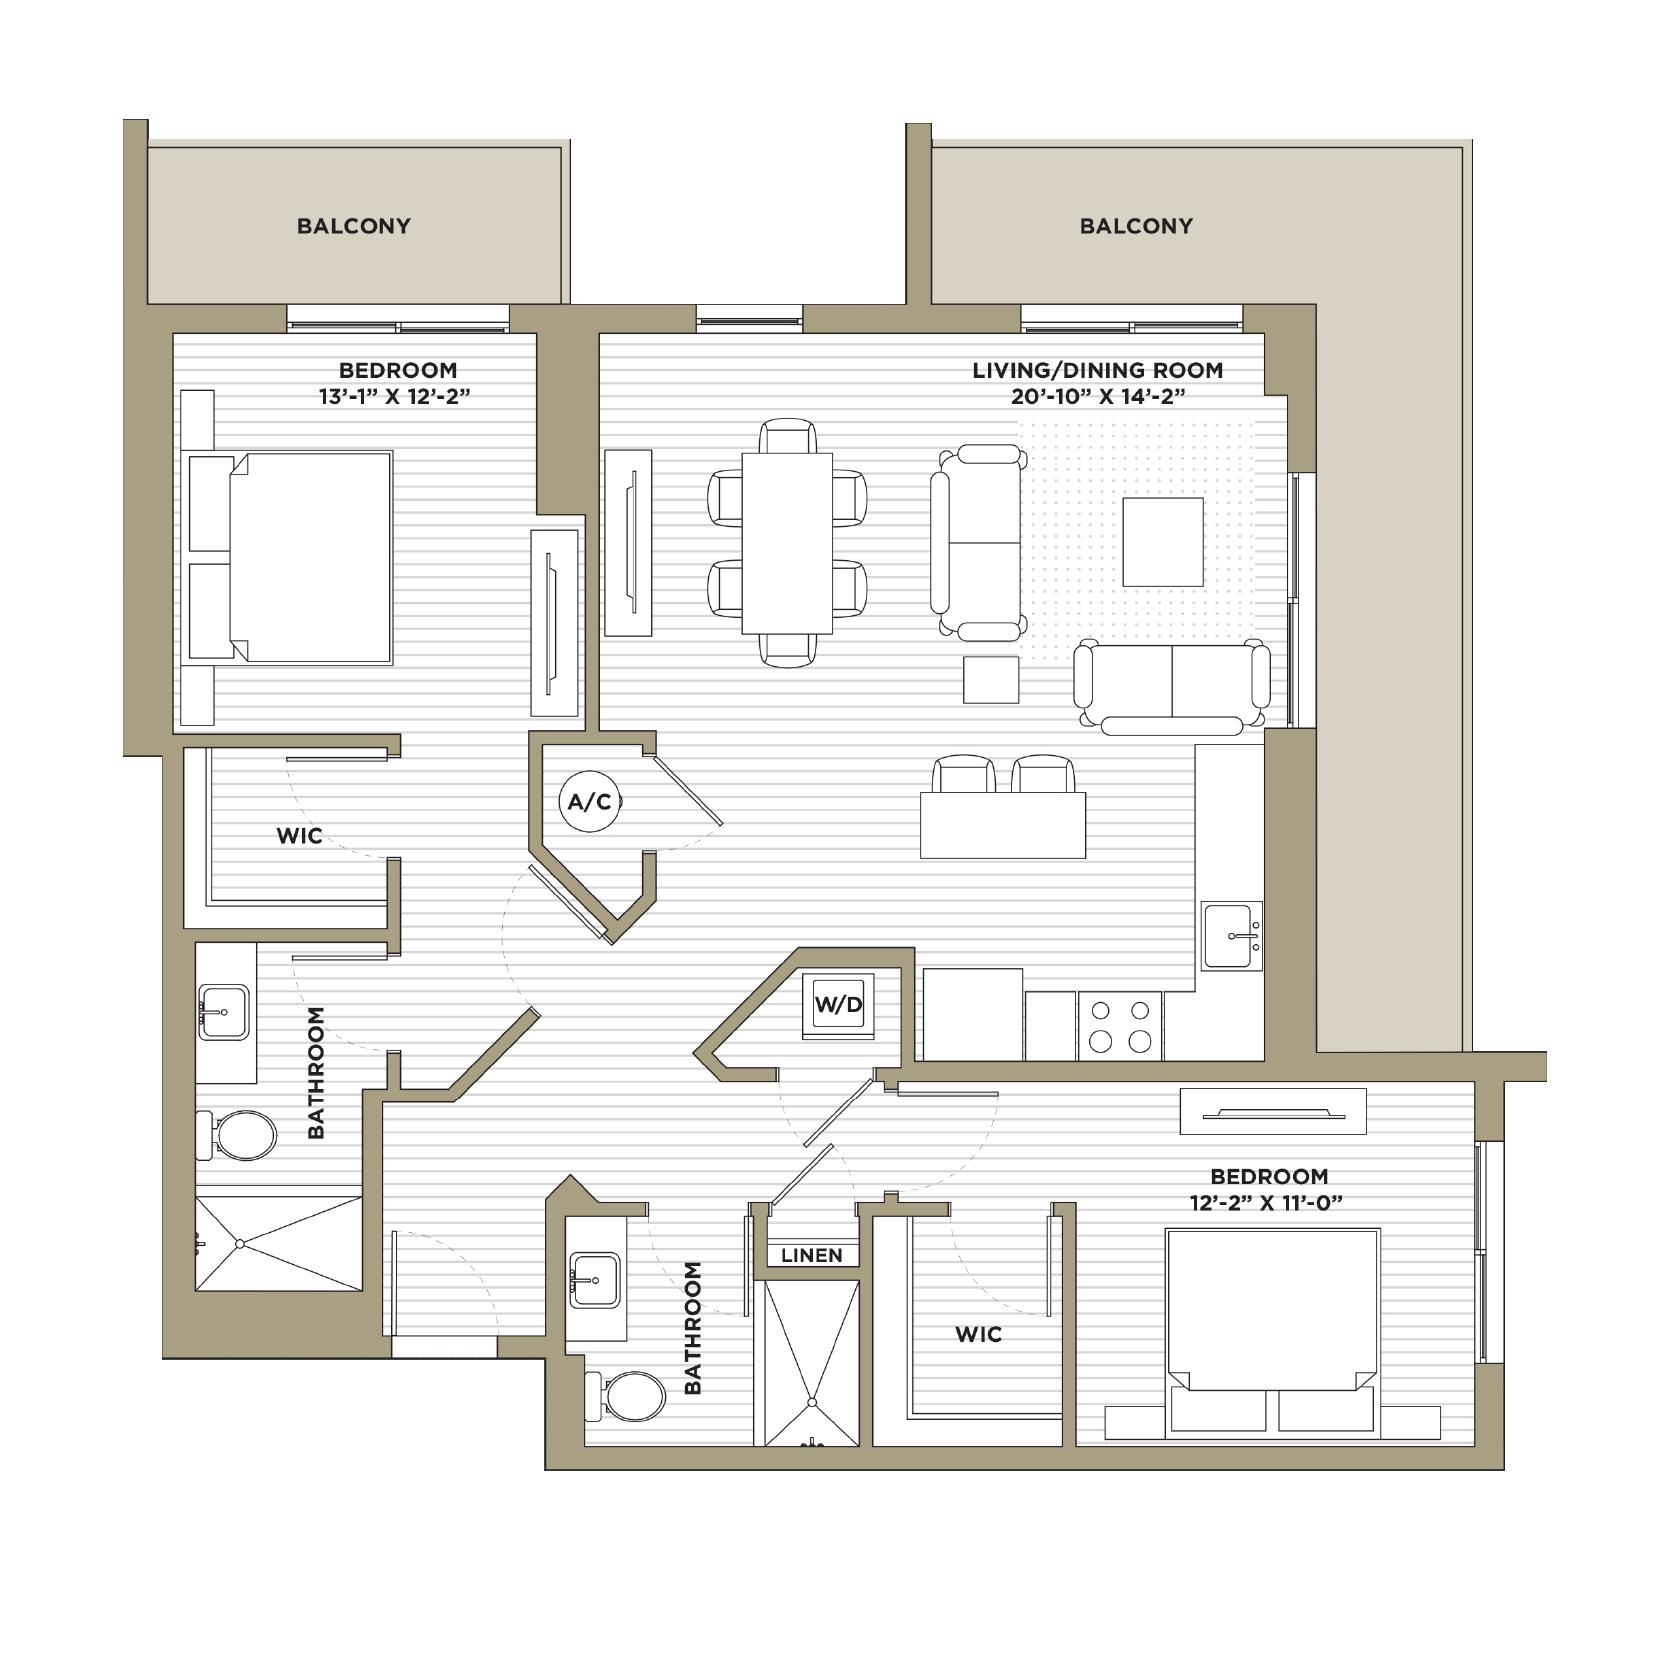 B2A - 2 Bedroom / 2 Bathroom1,241 sq. ft.